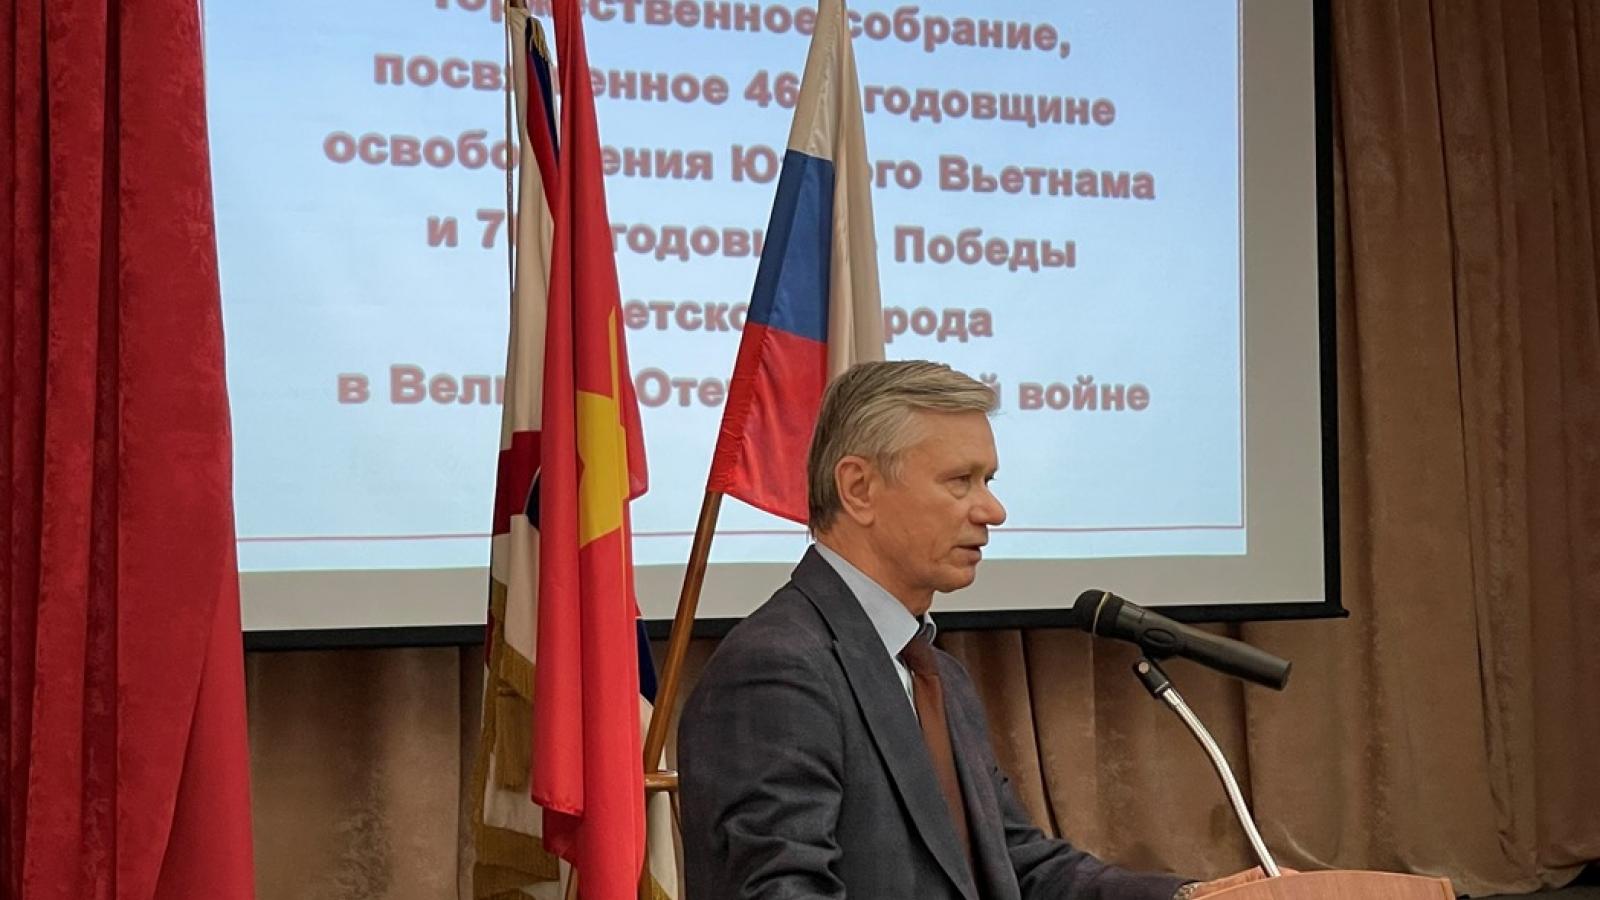 Hội hữu nghị Nga - Việt tổ chức kỷ niệm 46 năm ngày giải phóng Miền Nam